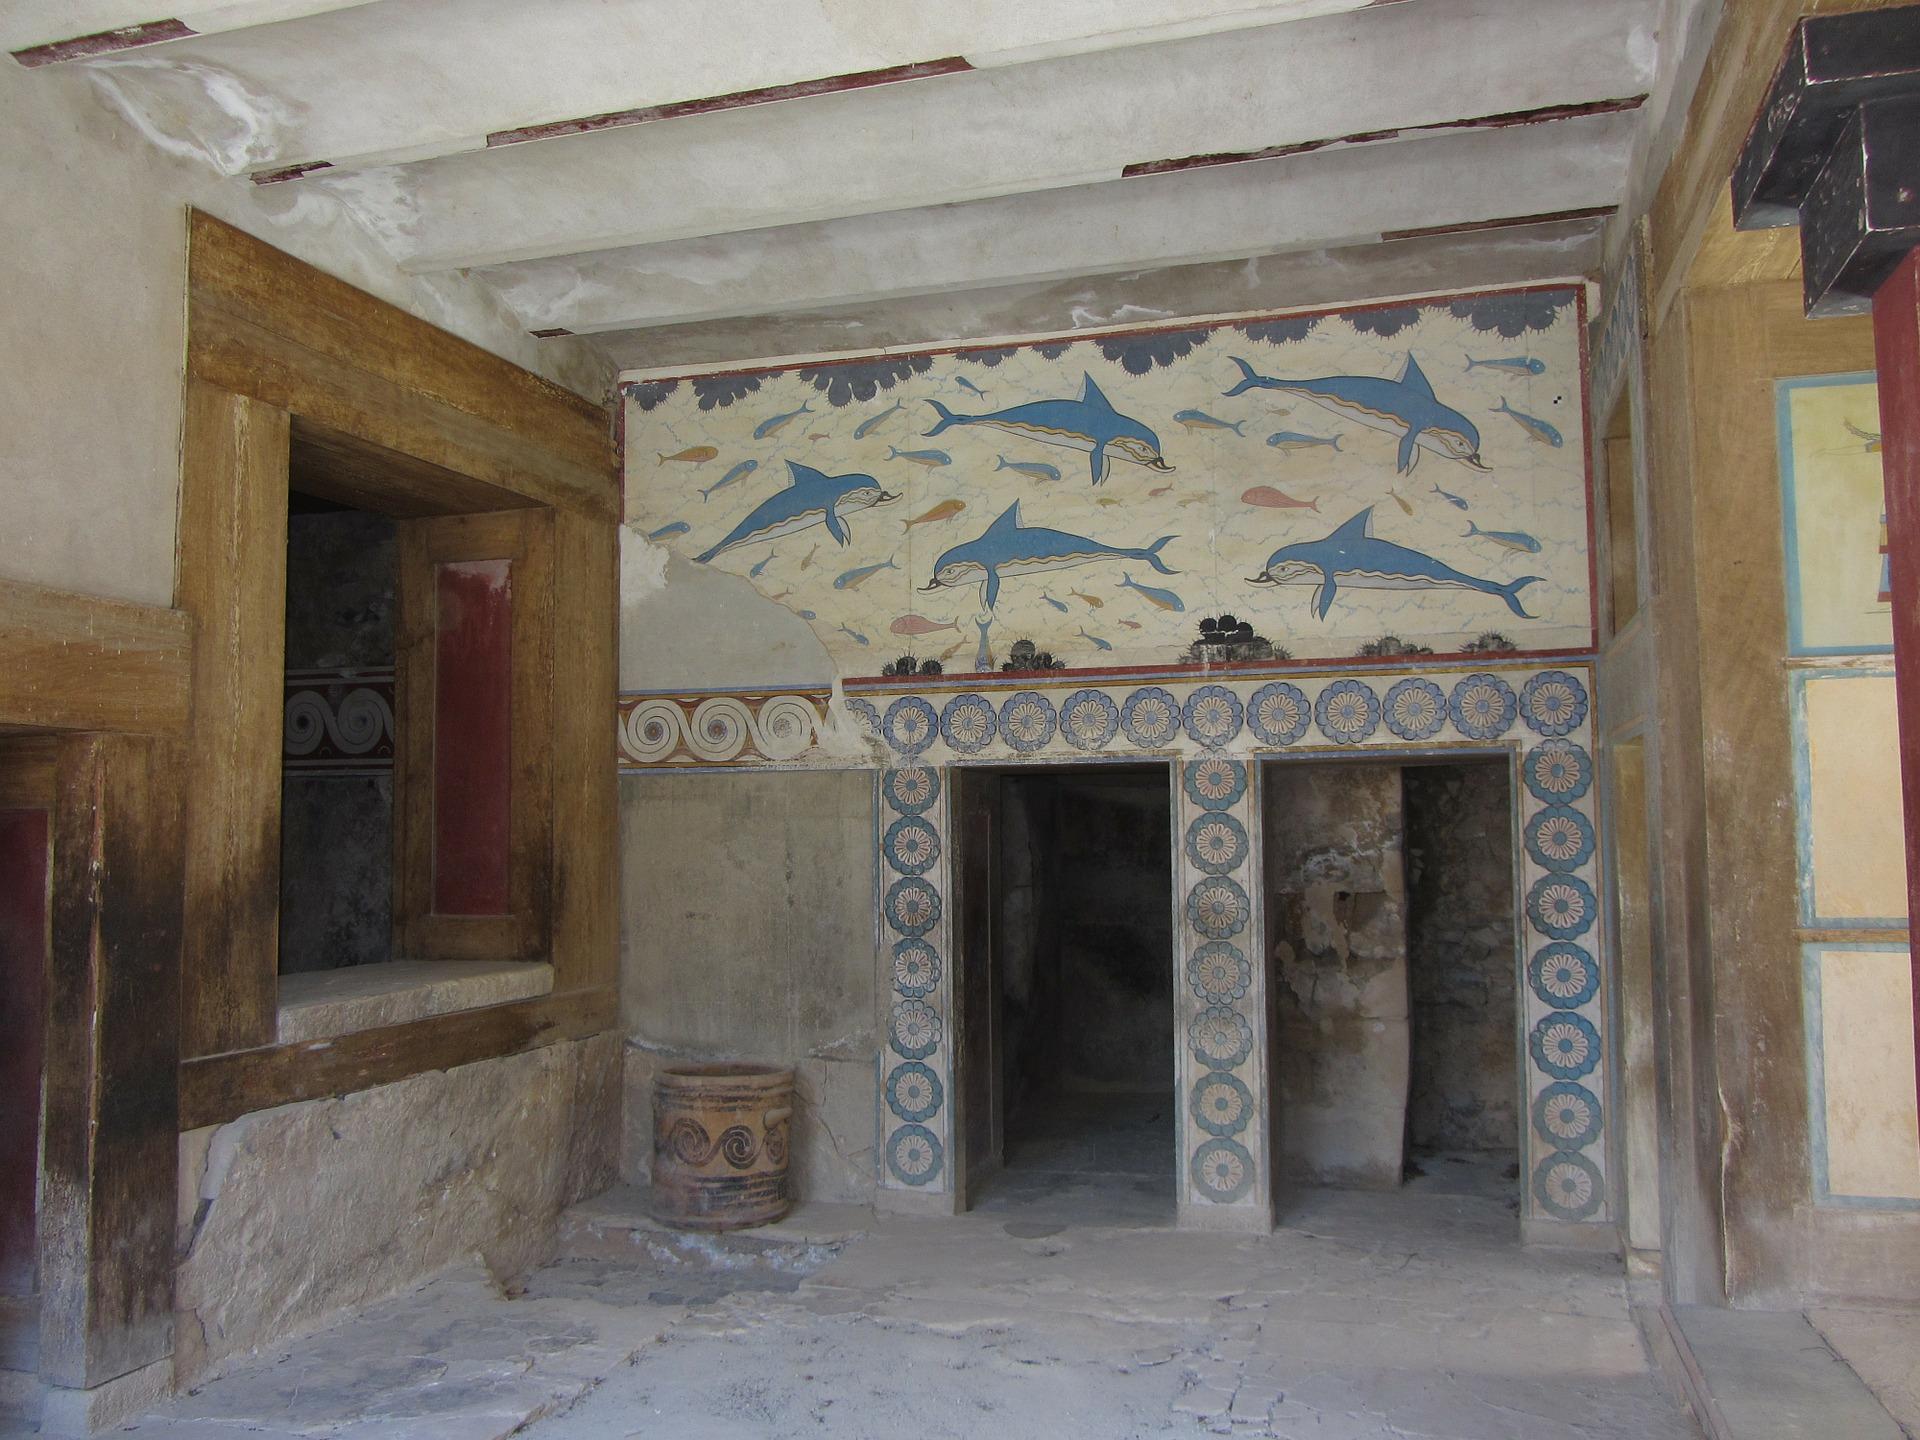 Fresc dels dofins del Palau de Cnossos